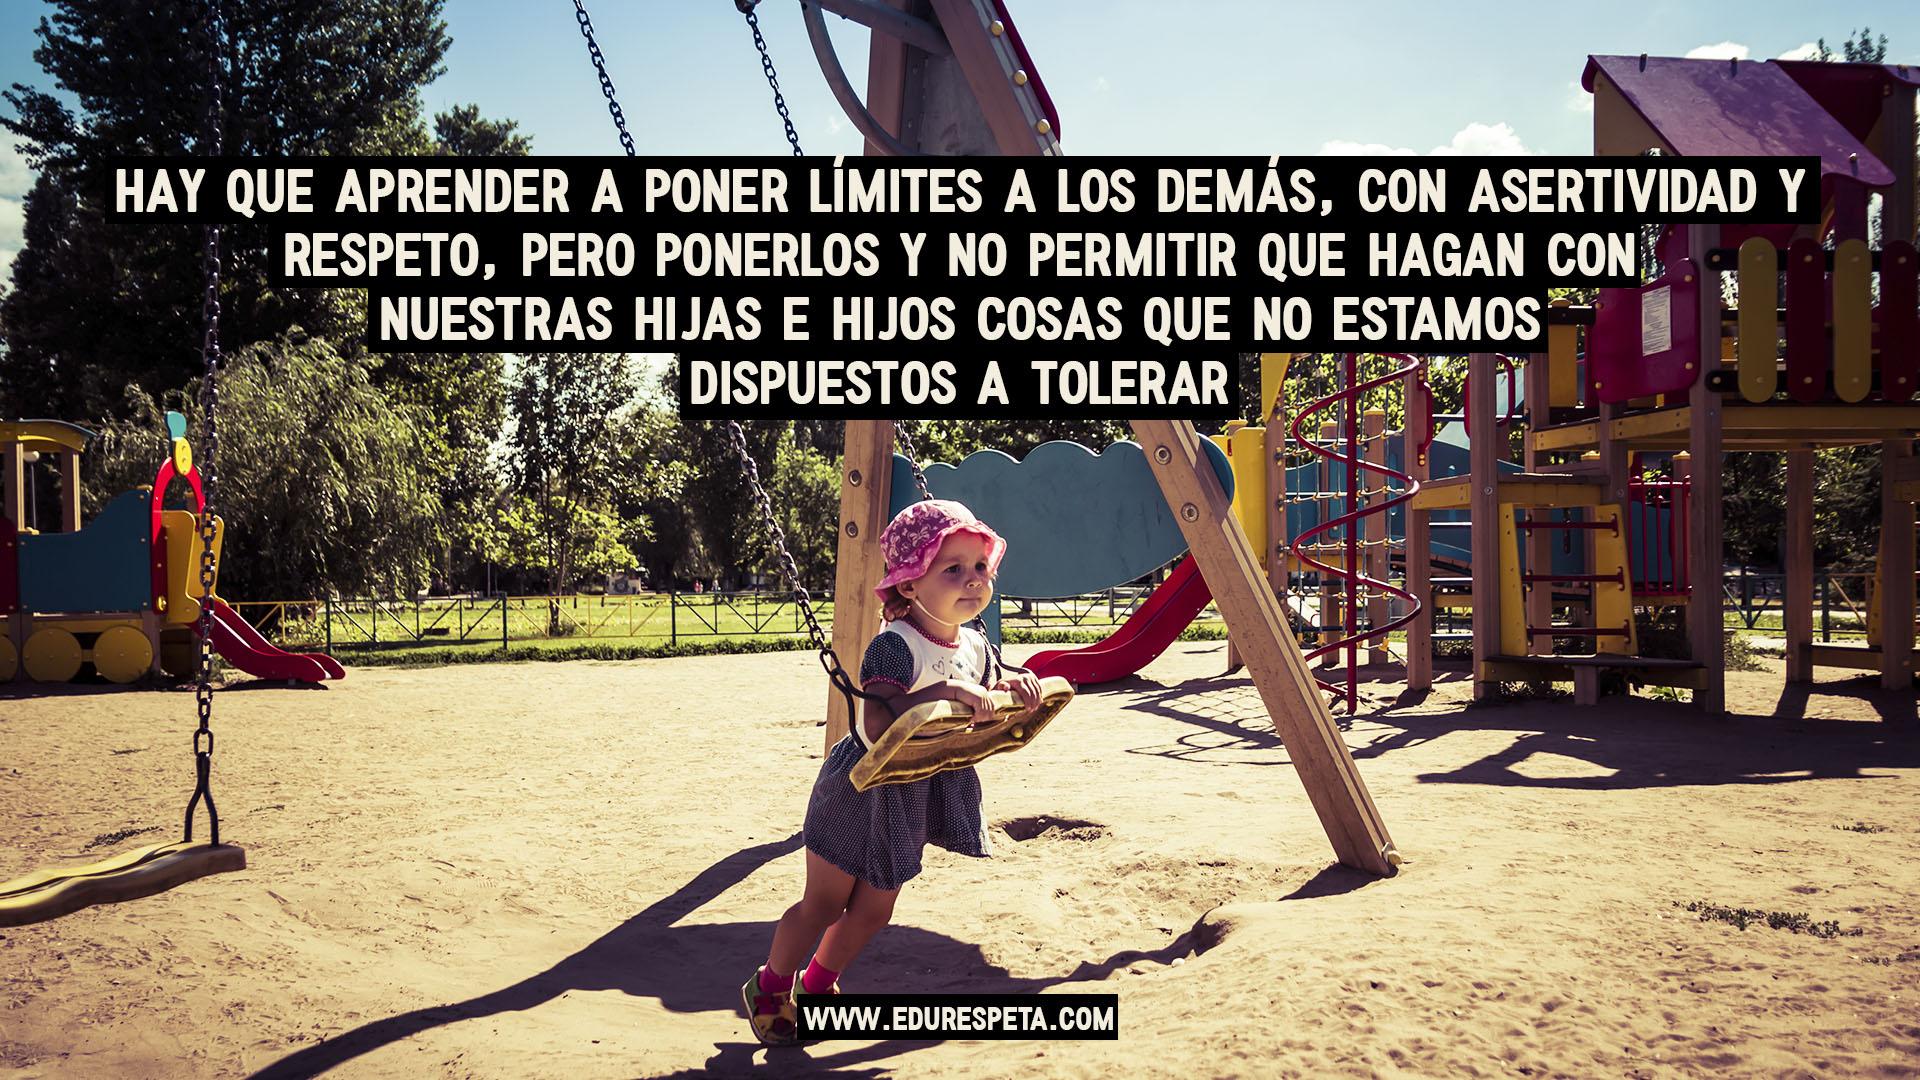 Hay que aprender a poner límites a los demás, con asertividad y respeto